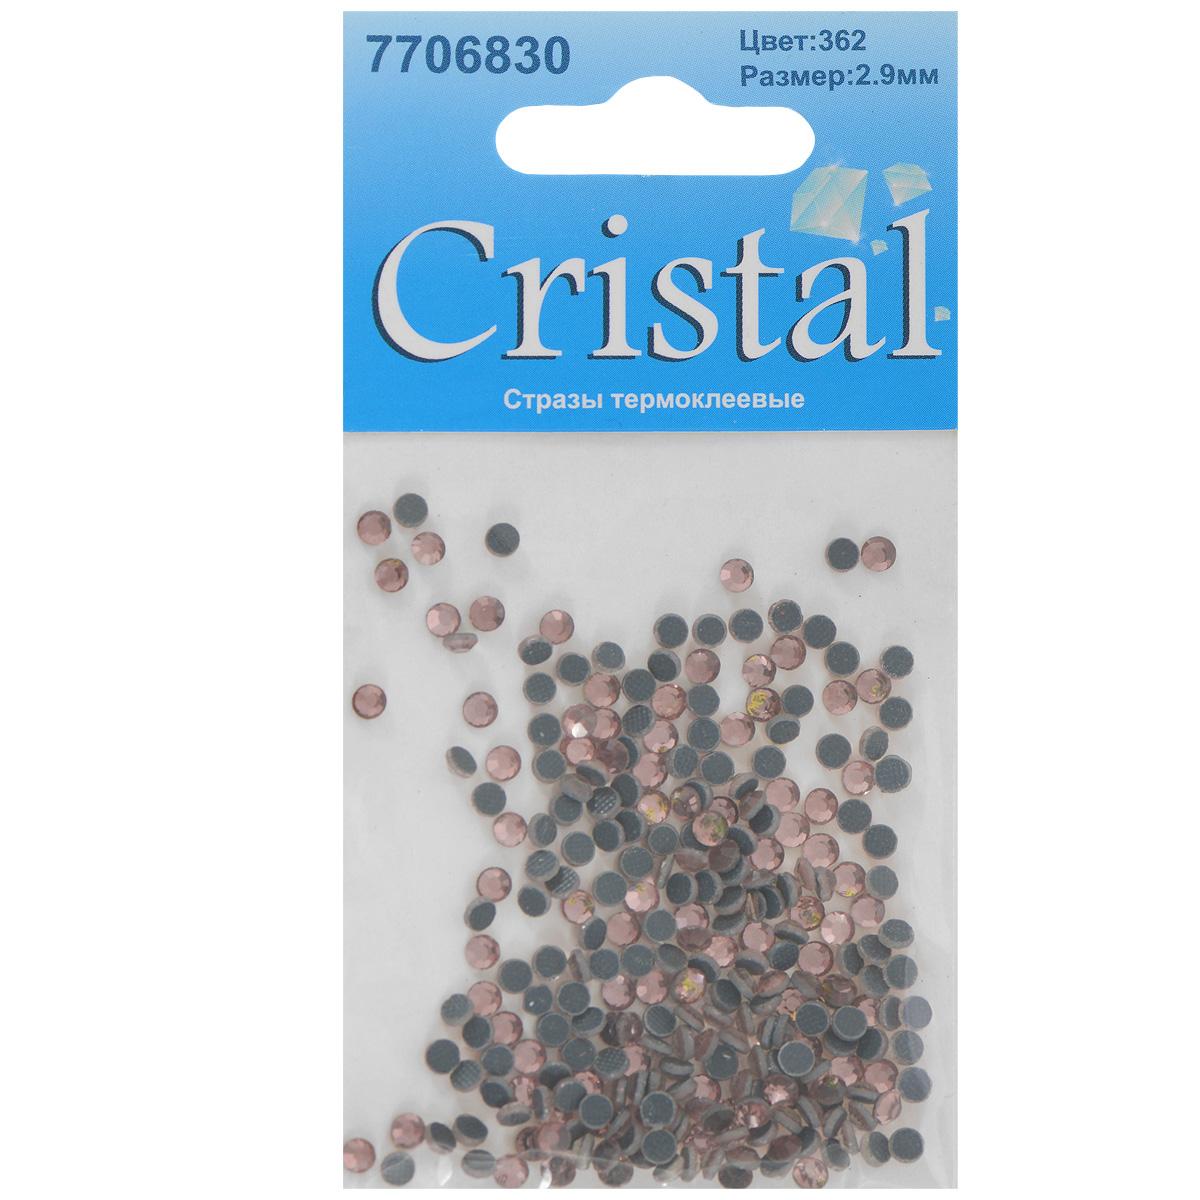 Стразы термоклеевые Cristal, цвет: светло-коралловый (362), диаметр 2,9 мм, 288 штKOC_GIR288LEDBALL_RНабор термоклеевых страз Cristal, изготовленный из высококачественного акрила, позволит вам украсить одежду, аксессуары или текстиль. Яркие стразы имеют плоское дно и круглую поверхность с гранями.Дно термоклеевых страз уже обработано особым клеем, который под воздействием высоких температур начинает плавиться, приклеиваясь, таким образом, к требуемой поверхности. Чаще всего их используют в текстильной промышленности: стразы прикладывают к ткани и проглаживают утюгом с обратной стороны. Также можно использовать специальный паяльник. Украшение стразами поможет сделать любую вещь оригинальной и неповторимой. Диаметр страз: 2,9 мм.